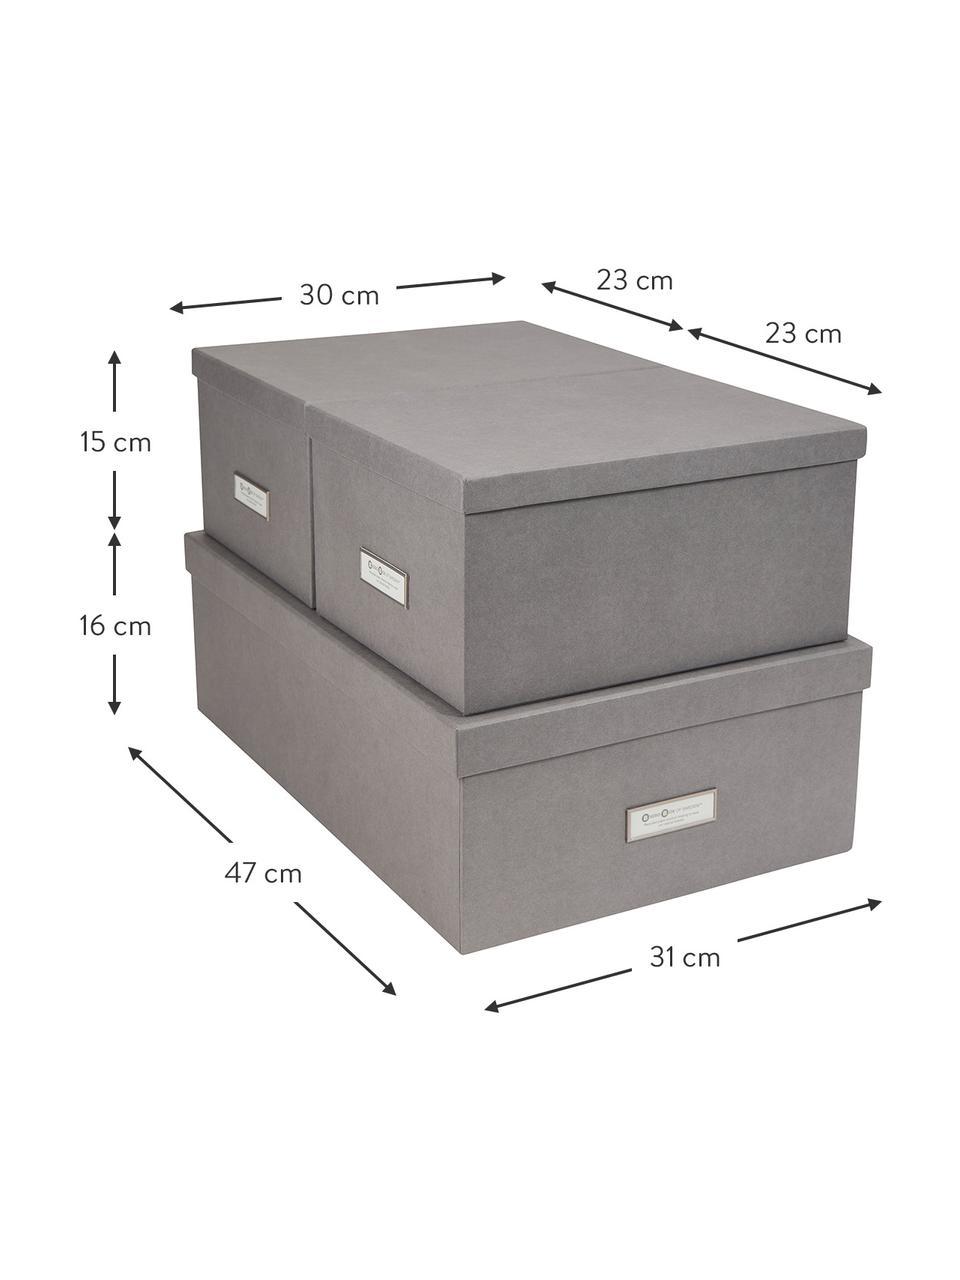 Set 3 scatole Inge, Scatola: solido, cartone laminato, Scatola esterno: grigio chiaro Scatola interno: bianco, Set in varie misure